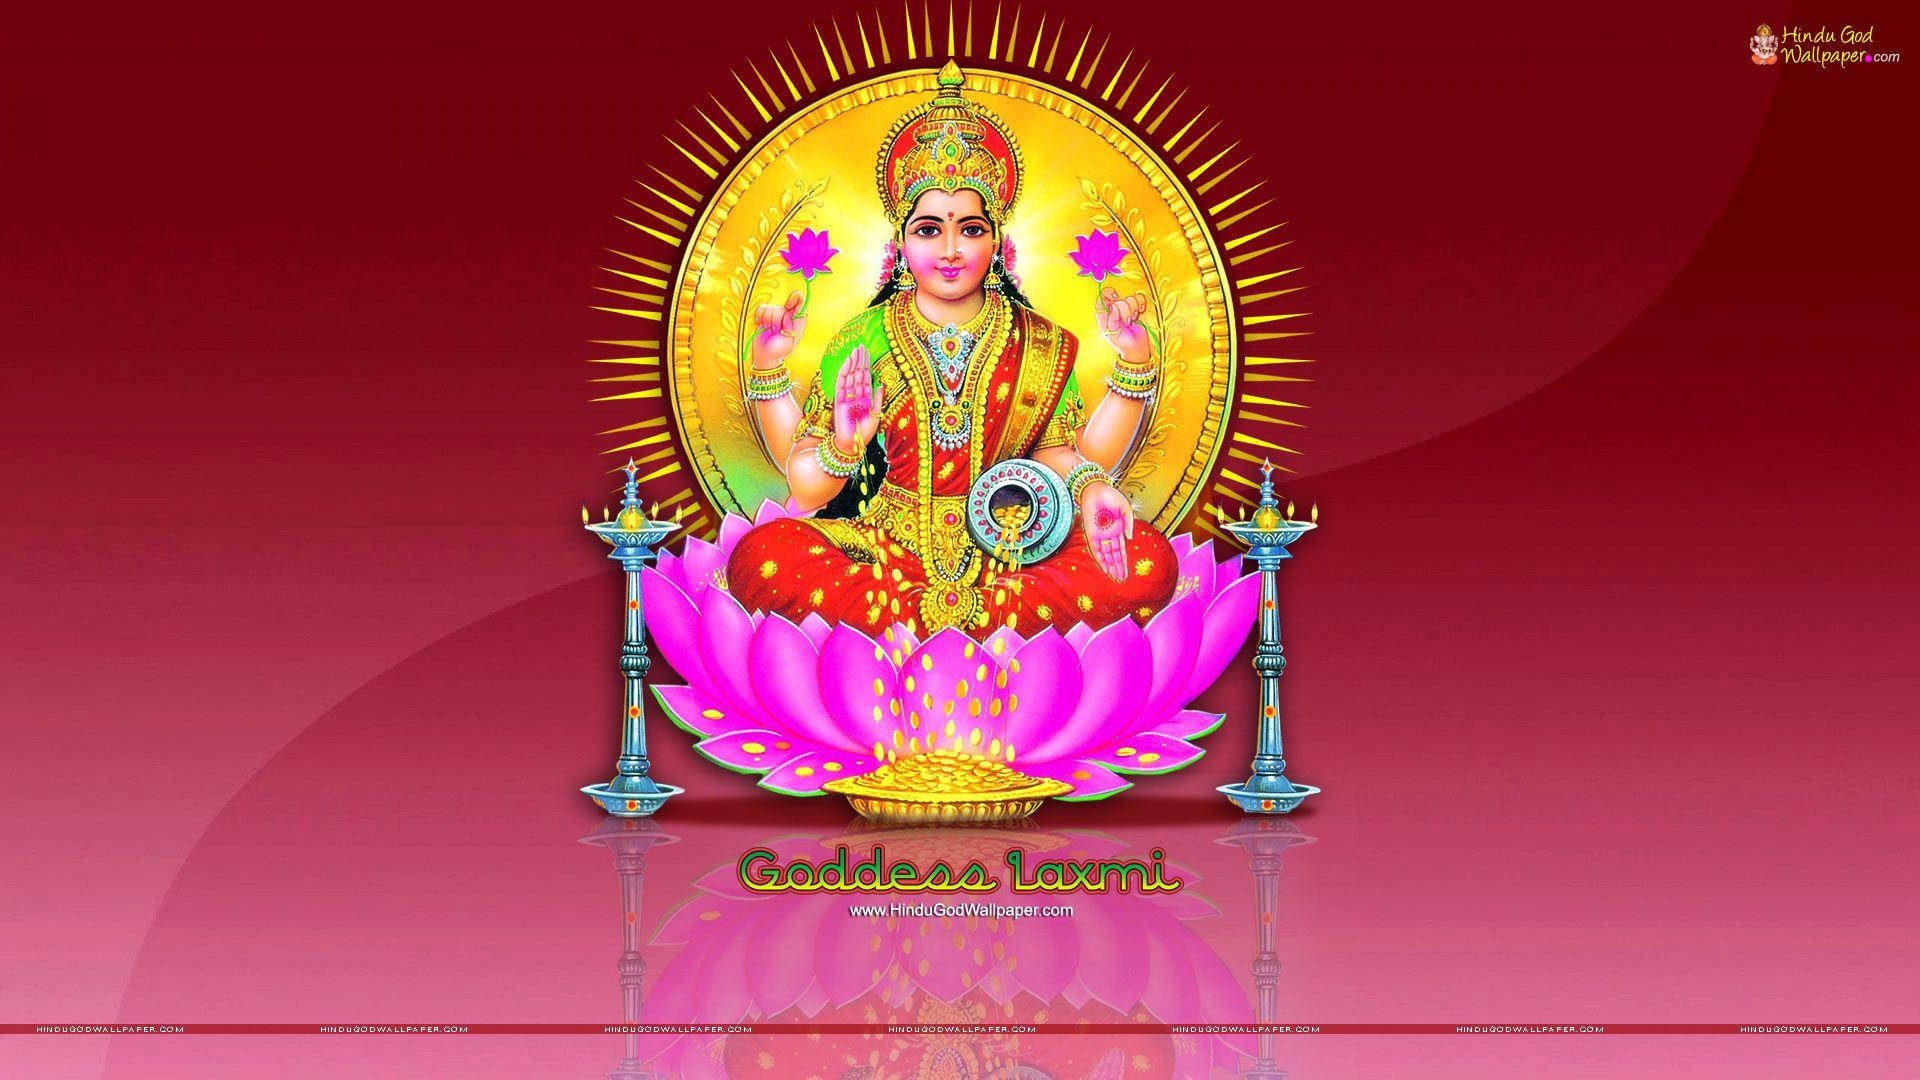 Goddess Laxmi Hd Wallpaper Download Lord Shiva Hd Wallpaper Hd Wallpaper Lord Krishna Hd Wallpaper